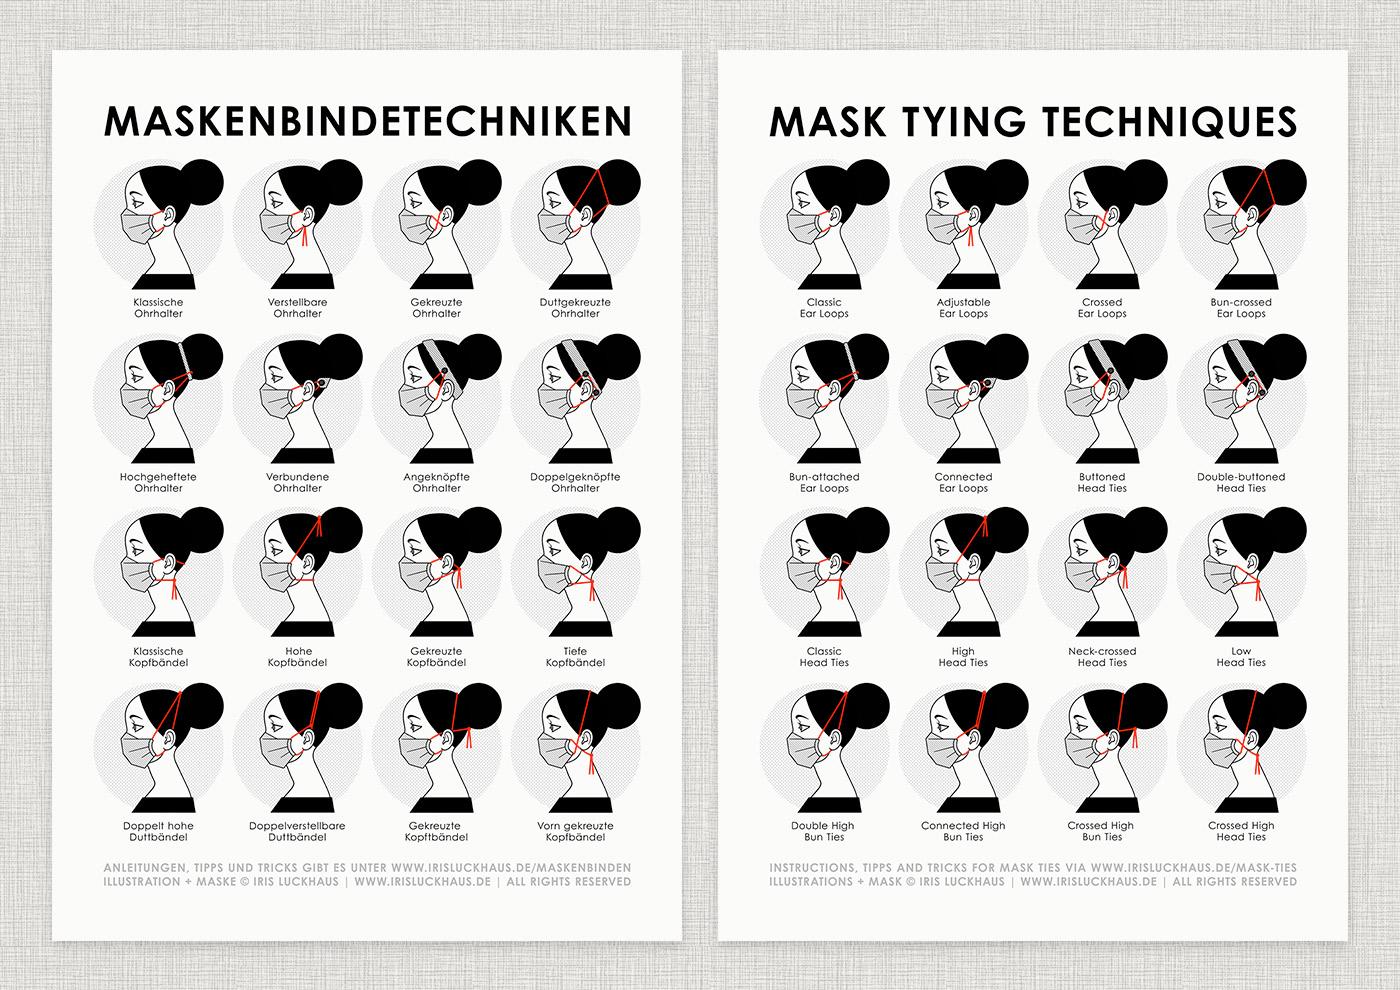 Infografik zu Maskenbindetechniken, die am Beispiel der Hybrid-Maske verschiedene Arten oder Wege zeigt, wie man die Behelfsmaske, Alltagsmaske, Mundmaske, Stoffmaske, Mund-Nasen-Maske oder Mund-Nasen-Bedeckung mit Ohrhalter, Ohrgummi, Ohrband oder Kopfbändel aus Elastik, Jersey oder Textilband mit und ohne verstellbare Schiebeknoten, Ponyperlen oder Kordelstopper und Dutt oder Pferdeschwanz an den Ohren oder um den Kopf befestigt, von Iris Luckhaus